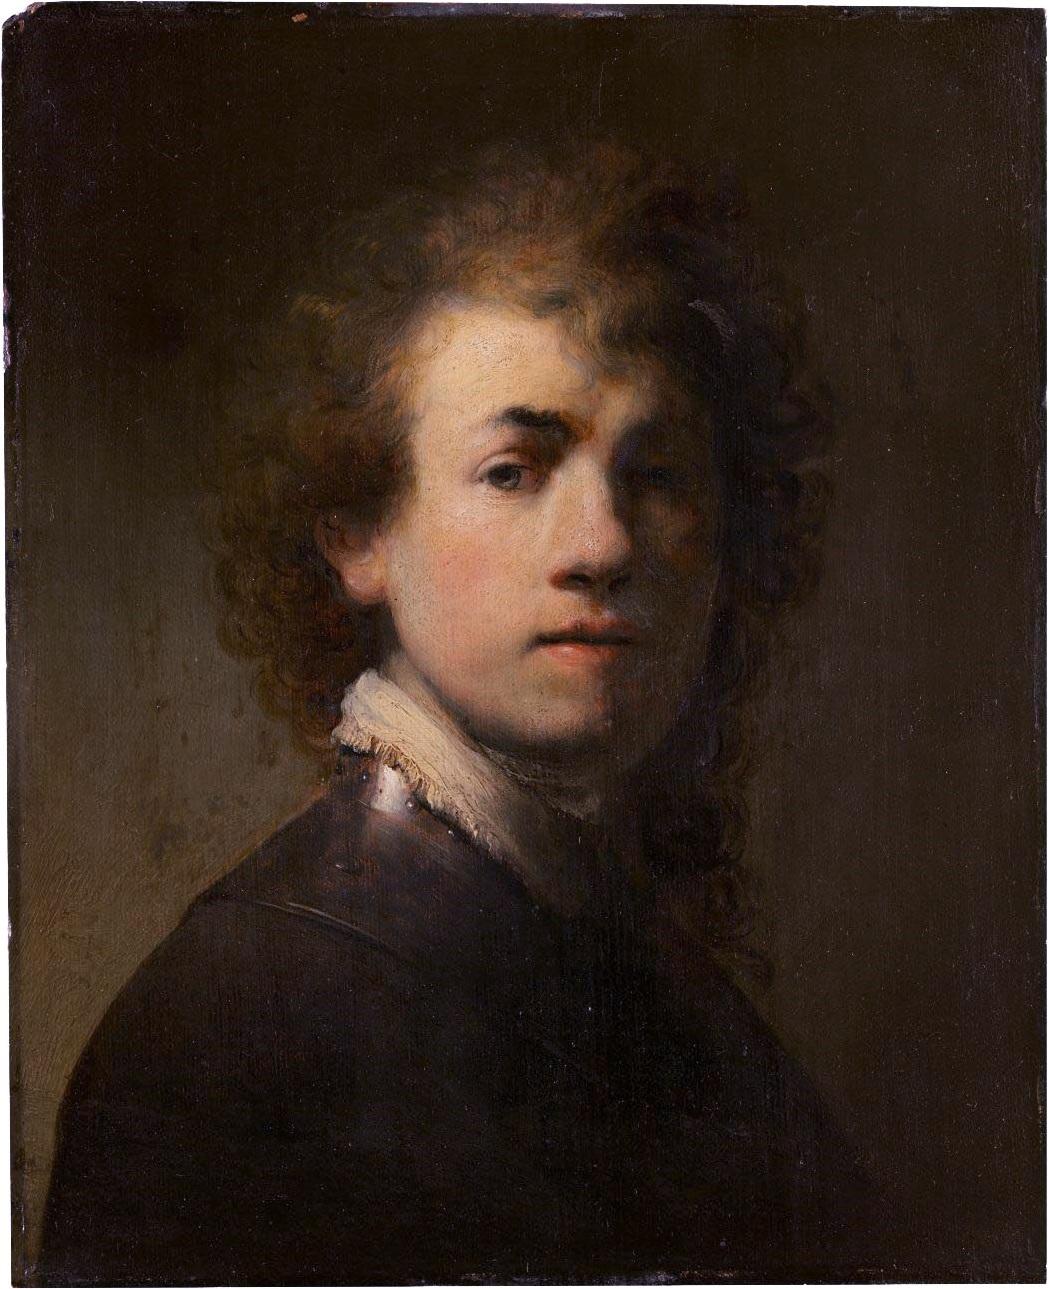 Self Portrait , Rembrandt, 1629, oil on canvas